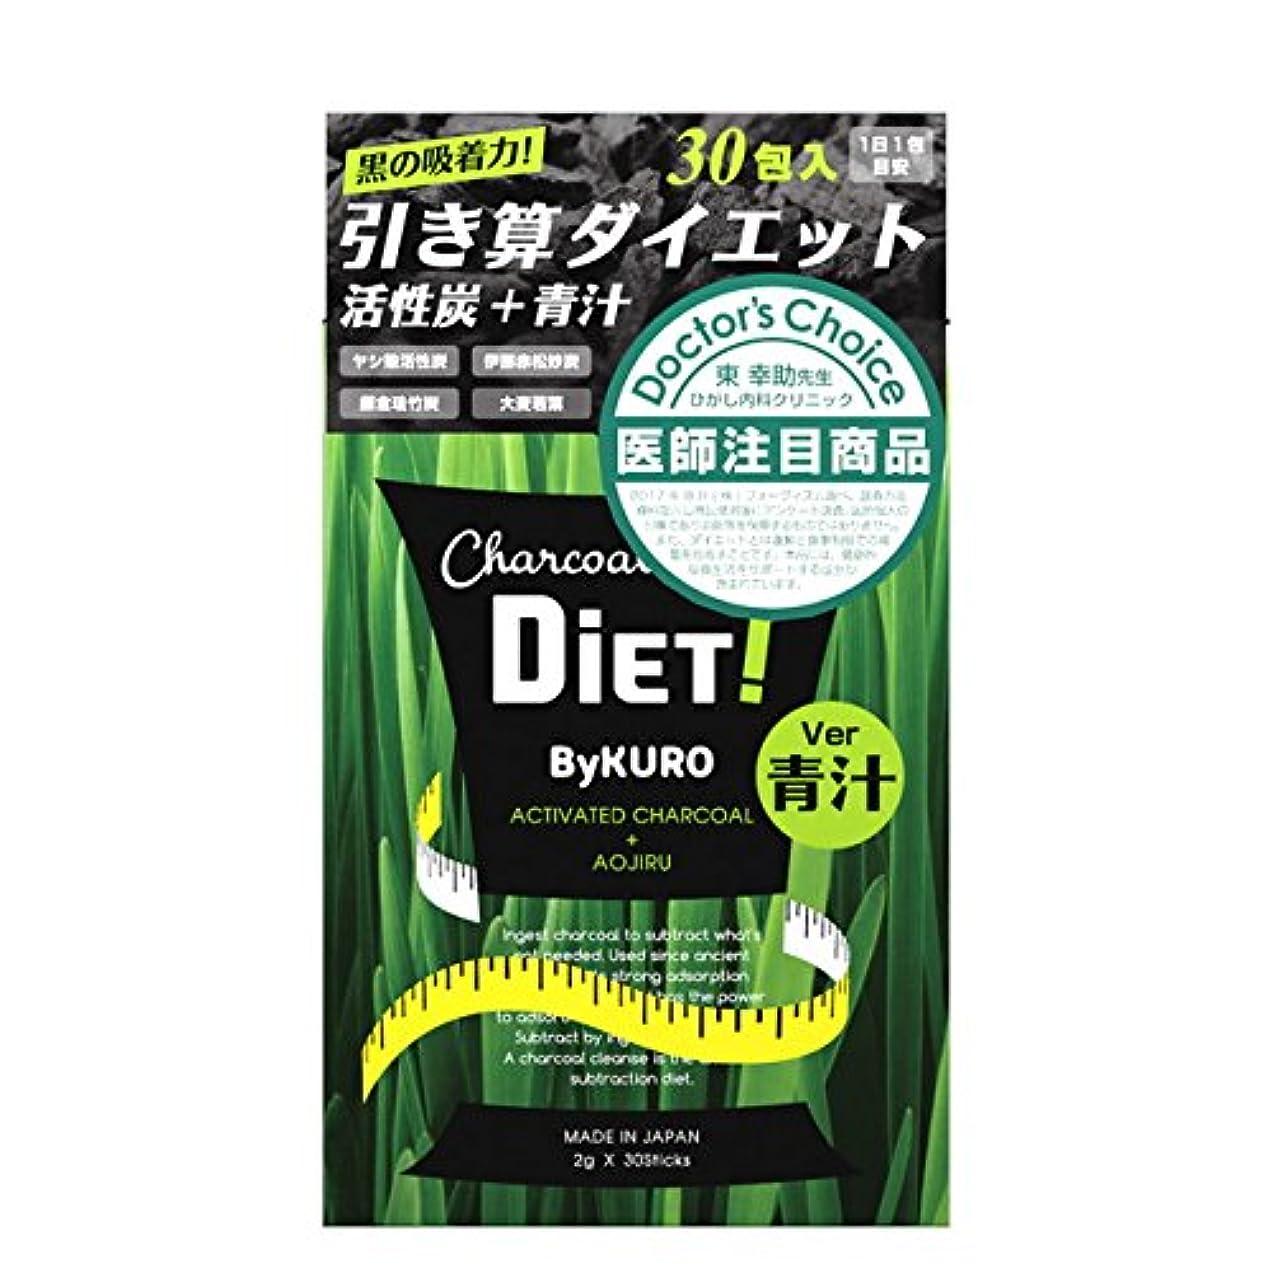 担当者破滅官僚ByKURO(バイクロ) 青汁 2g×30包